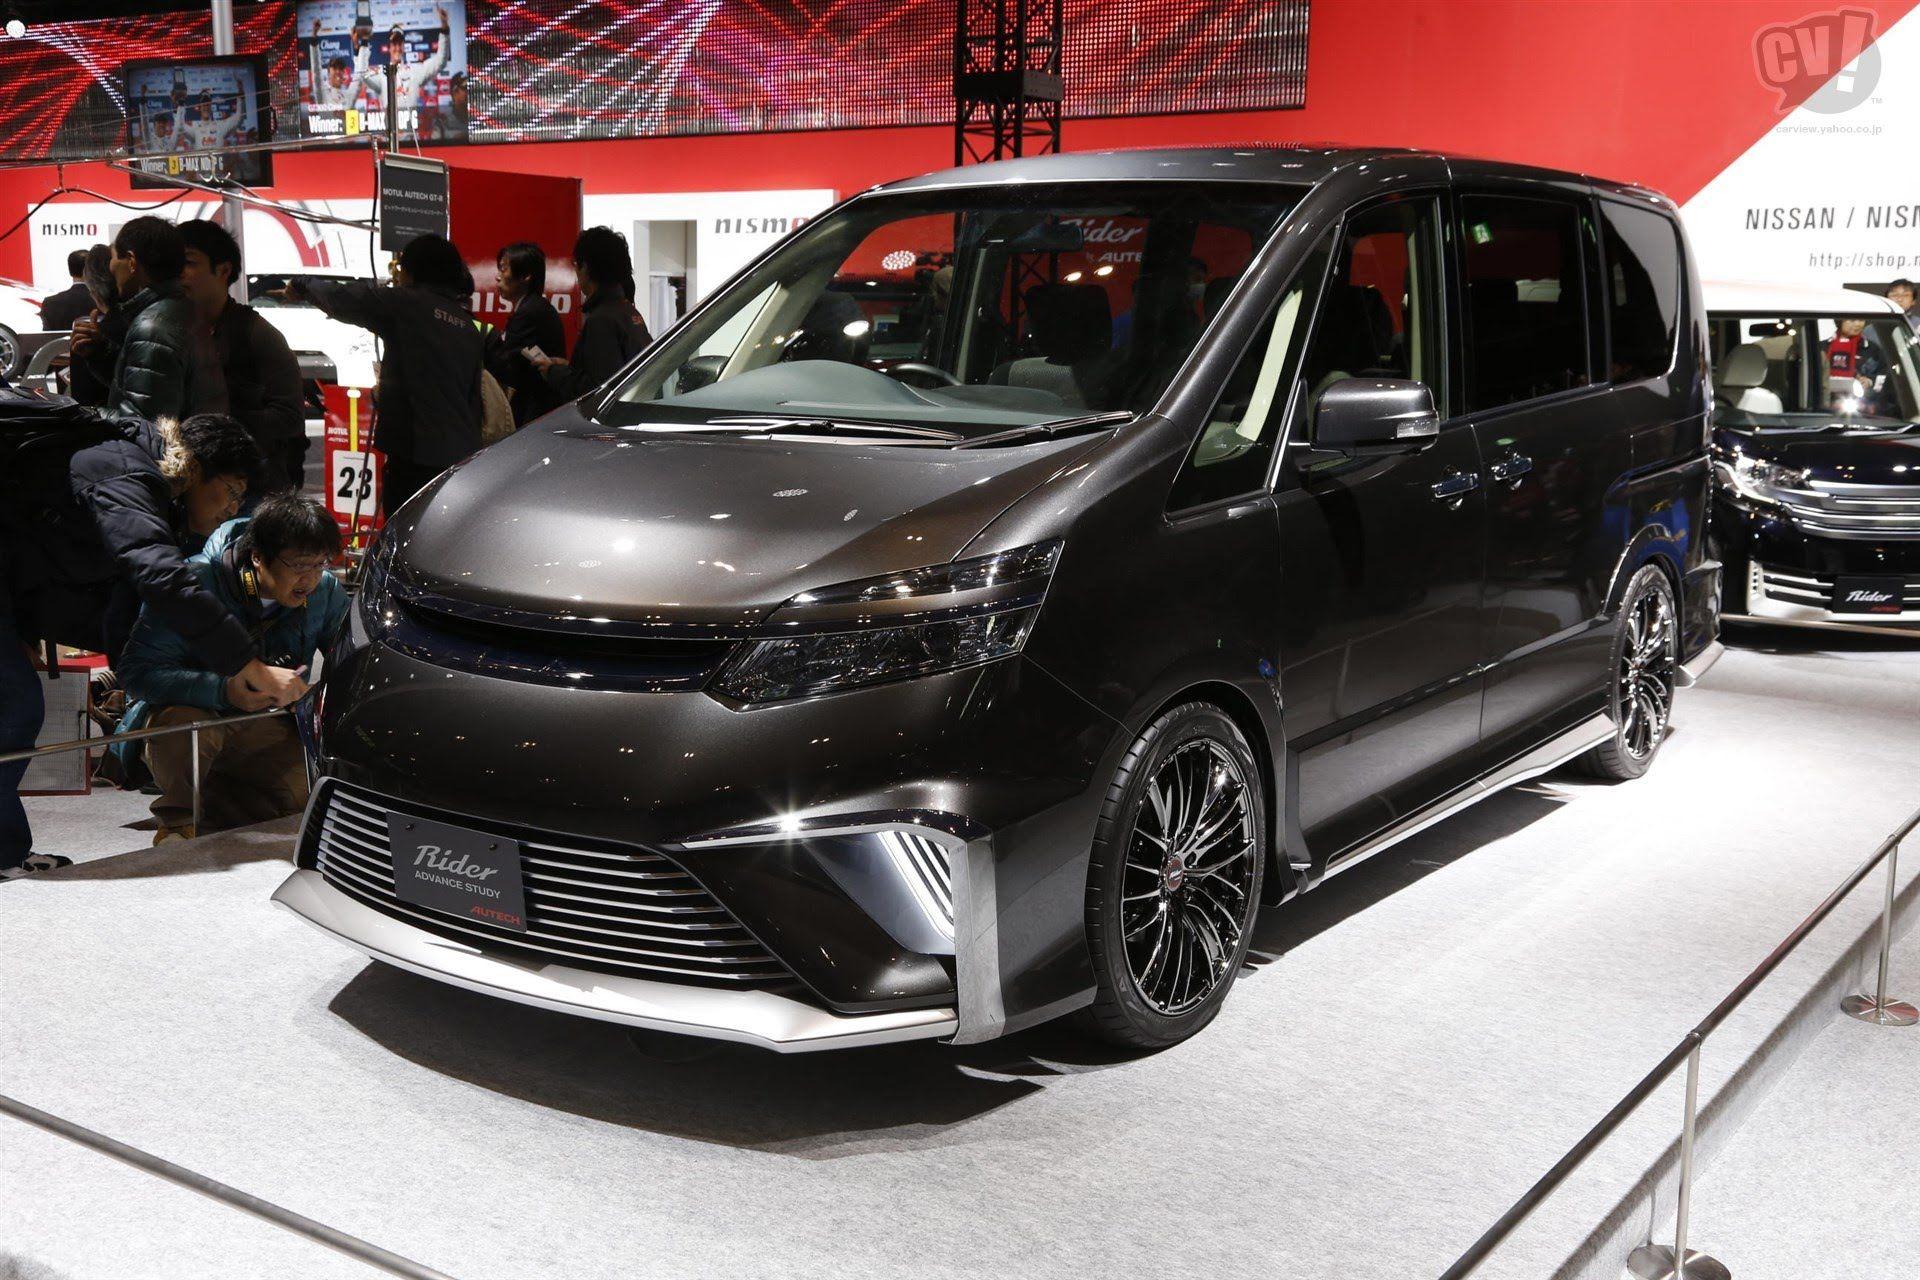 Nissan Serena Rider Advance Study Concept Tokyo Auto Salon 2015